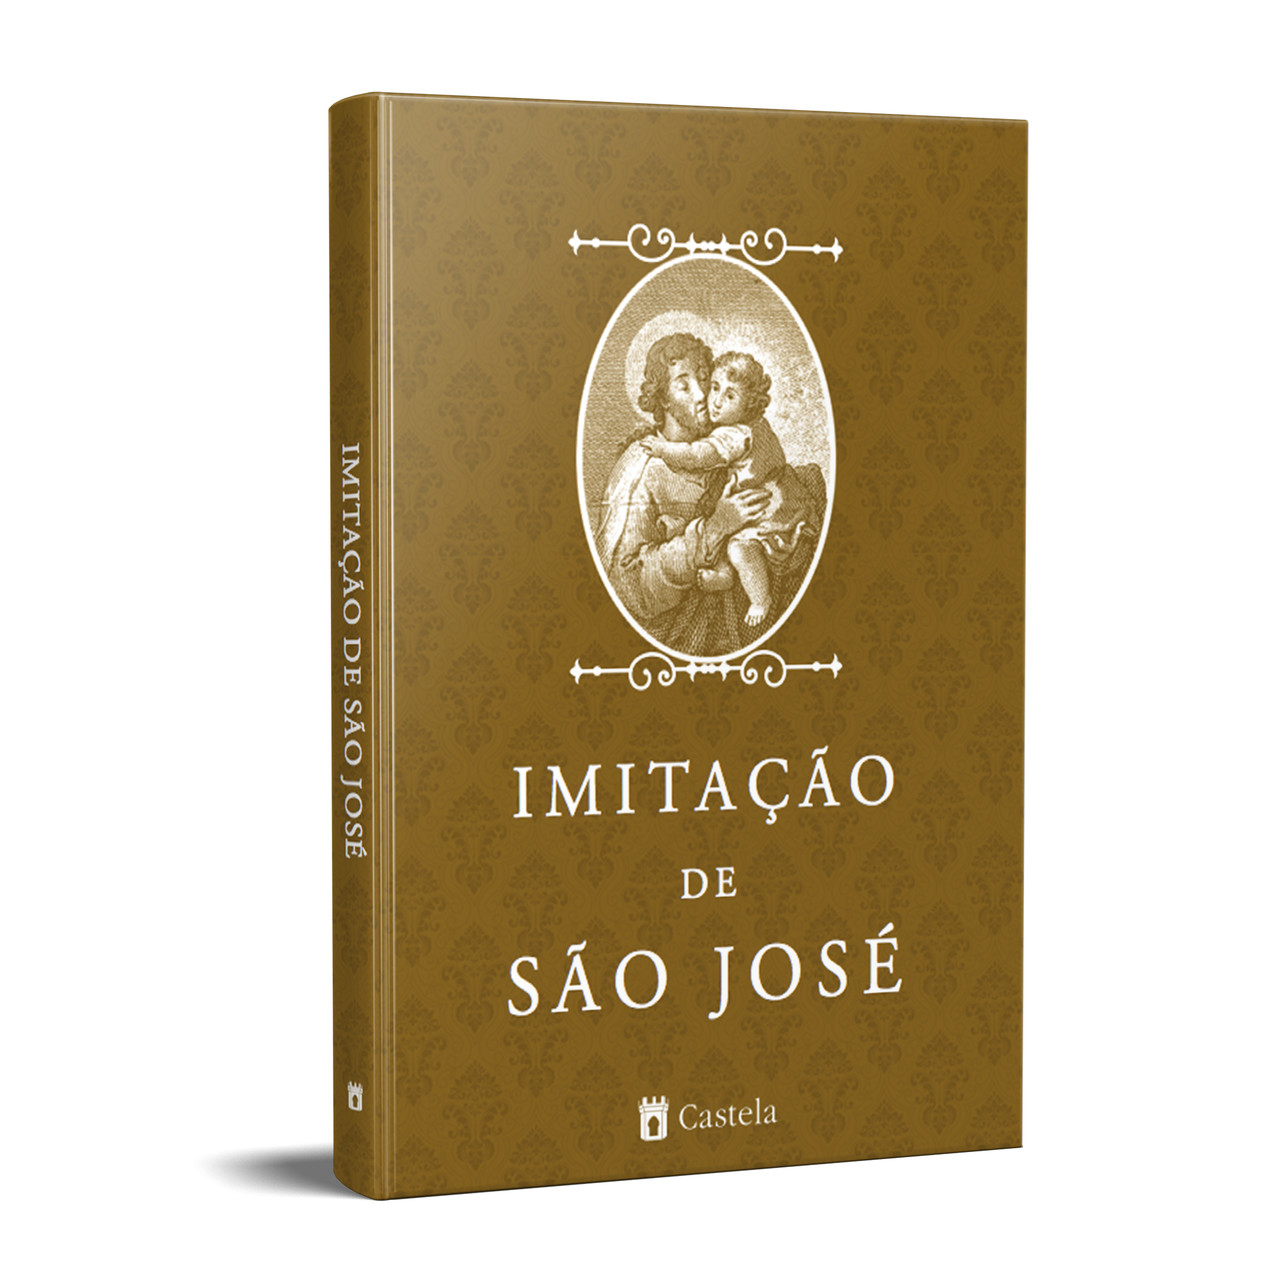 Imitação de São José